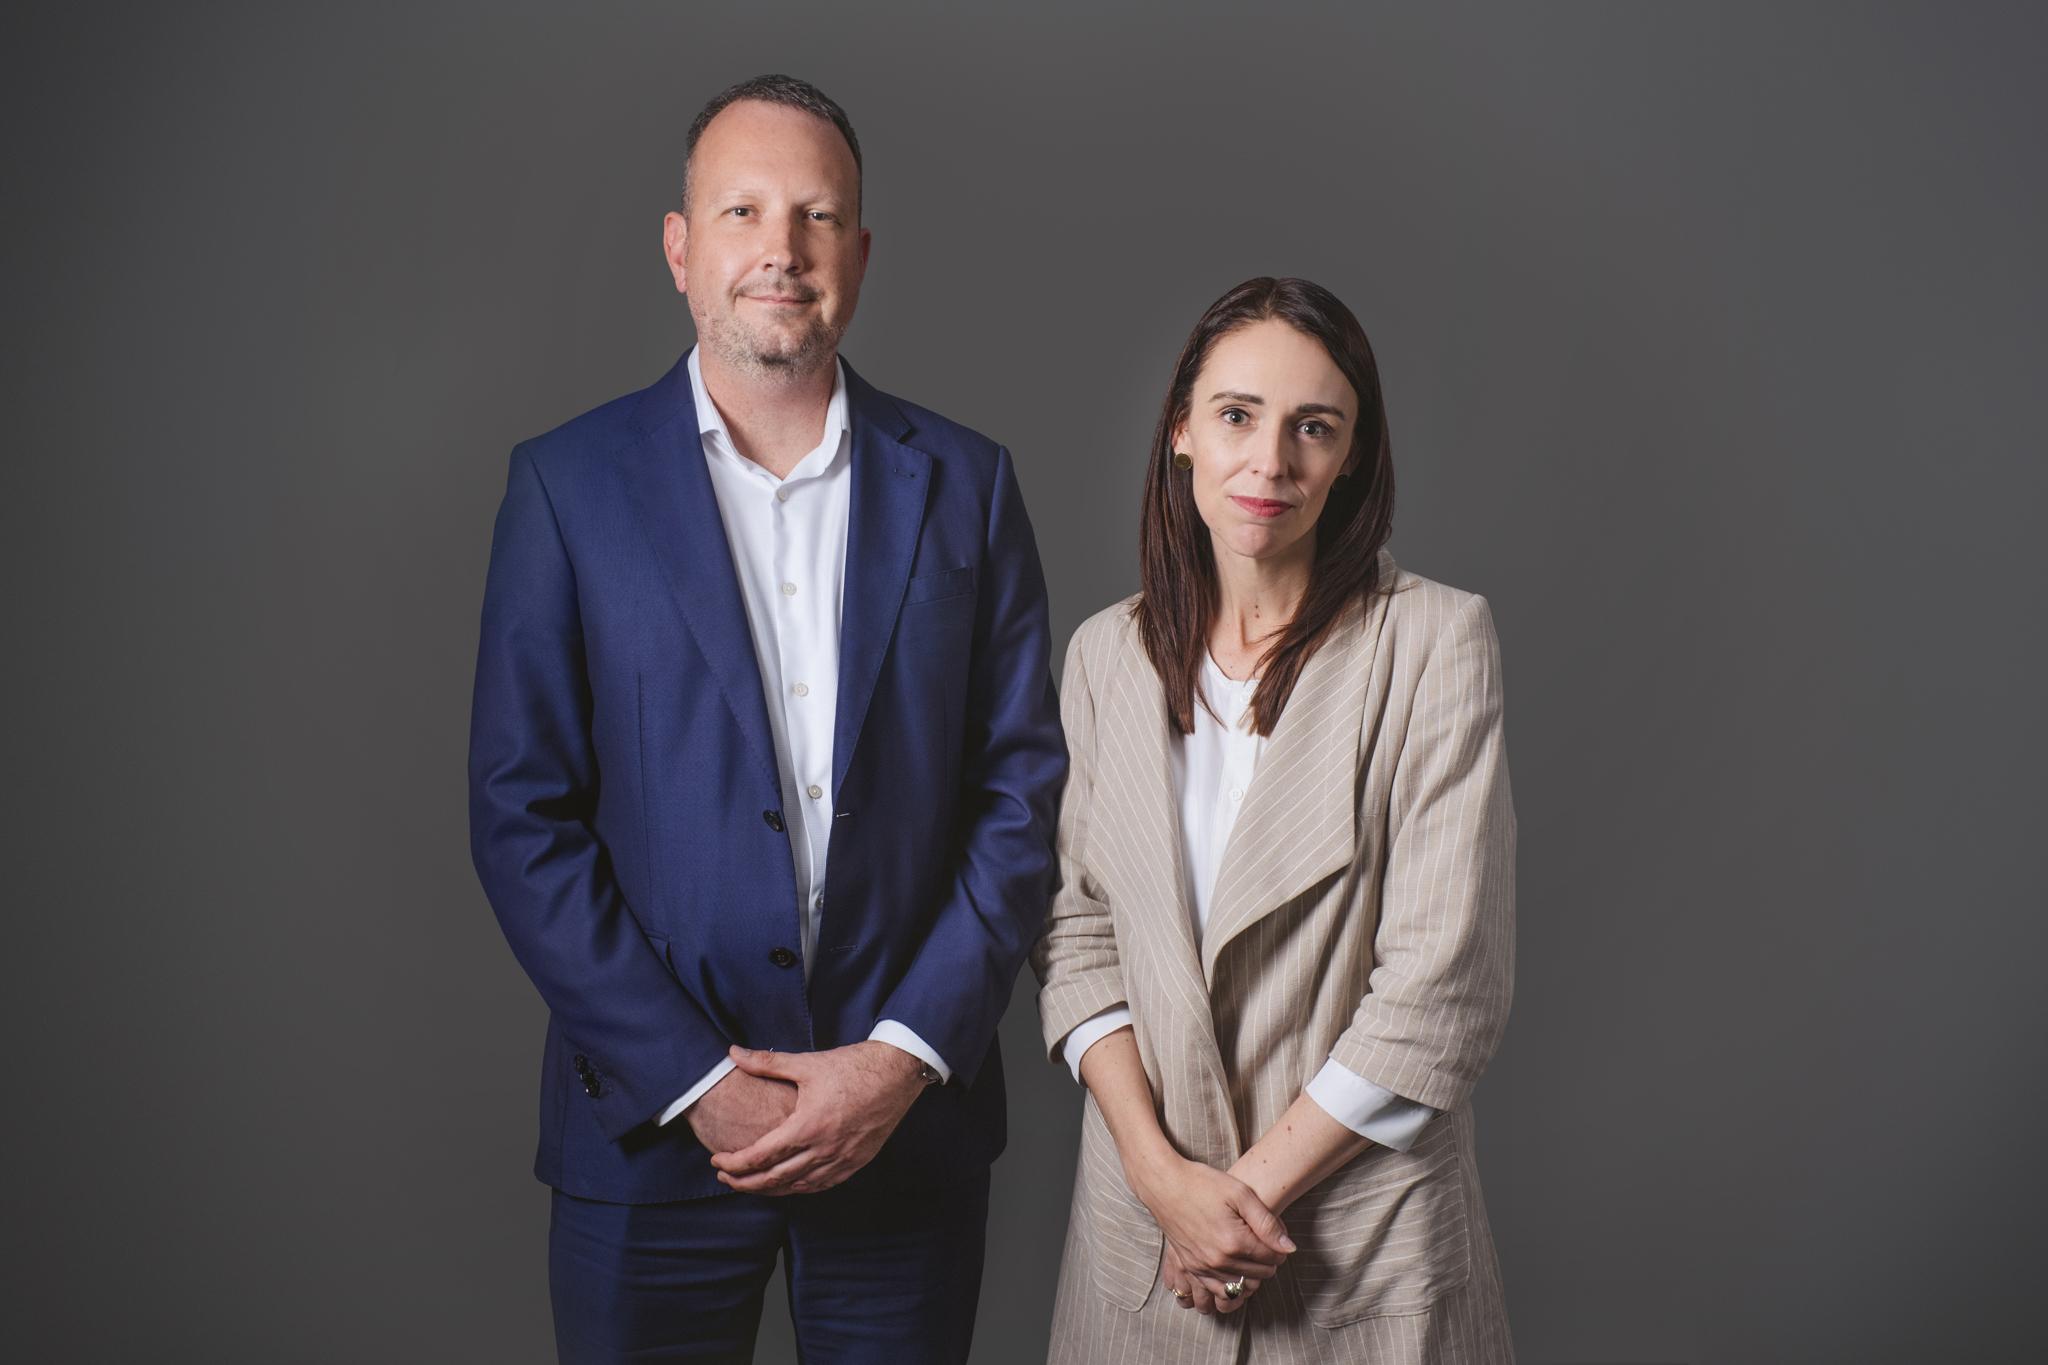 InternetNZ CEO Jordan Carter and Prime Minister Jacinda Ardern